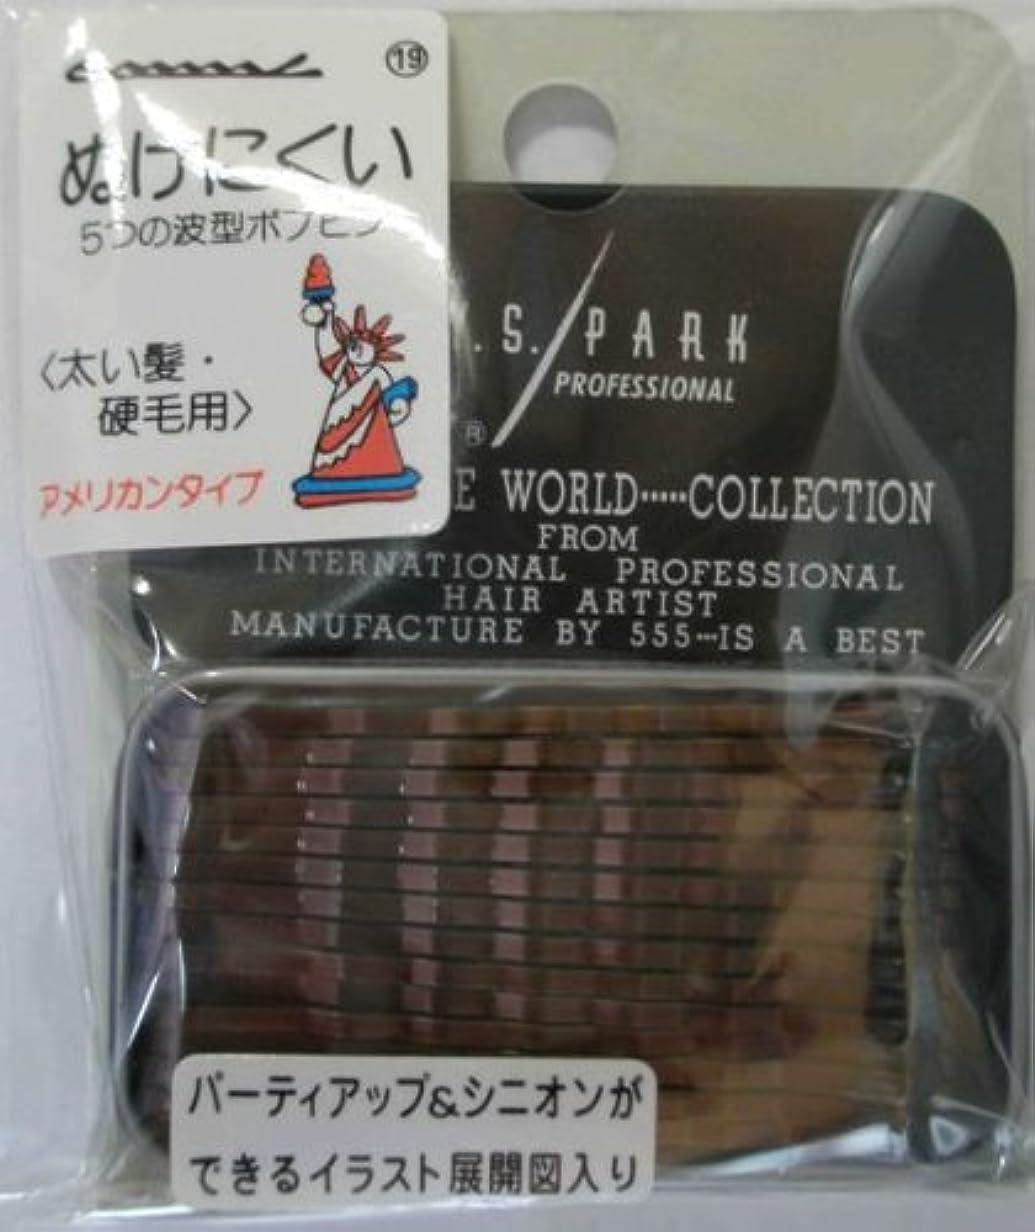 博覧会足枷公爵夫人Y.S.PARK世界のヘアピンコレクションNo.19(太い髪?硬毛用)アメリカンタイプ40P